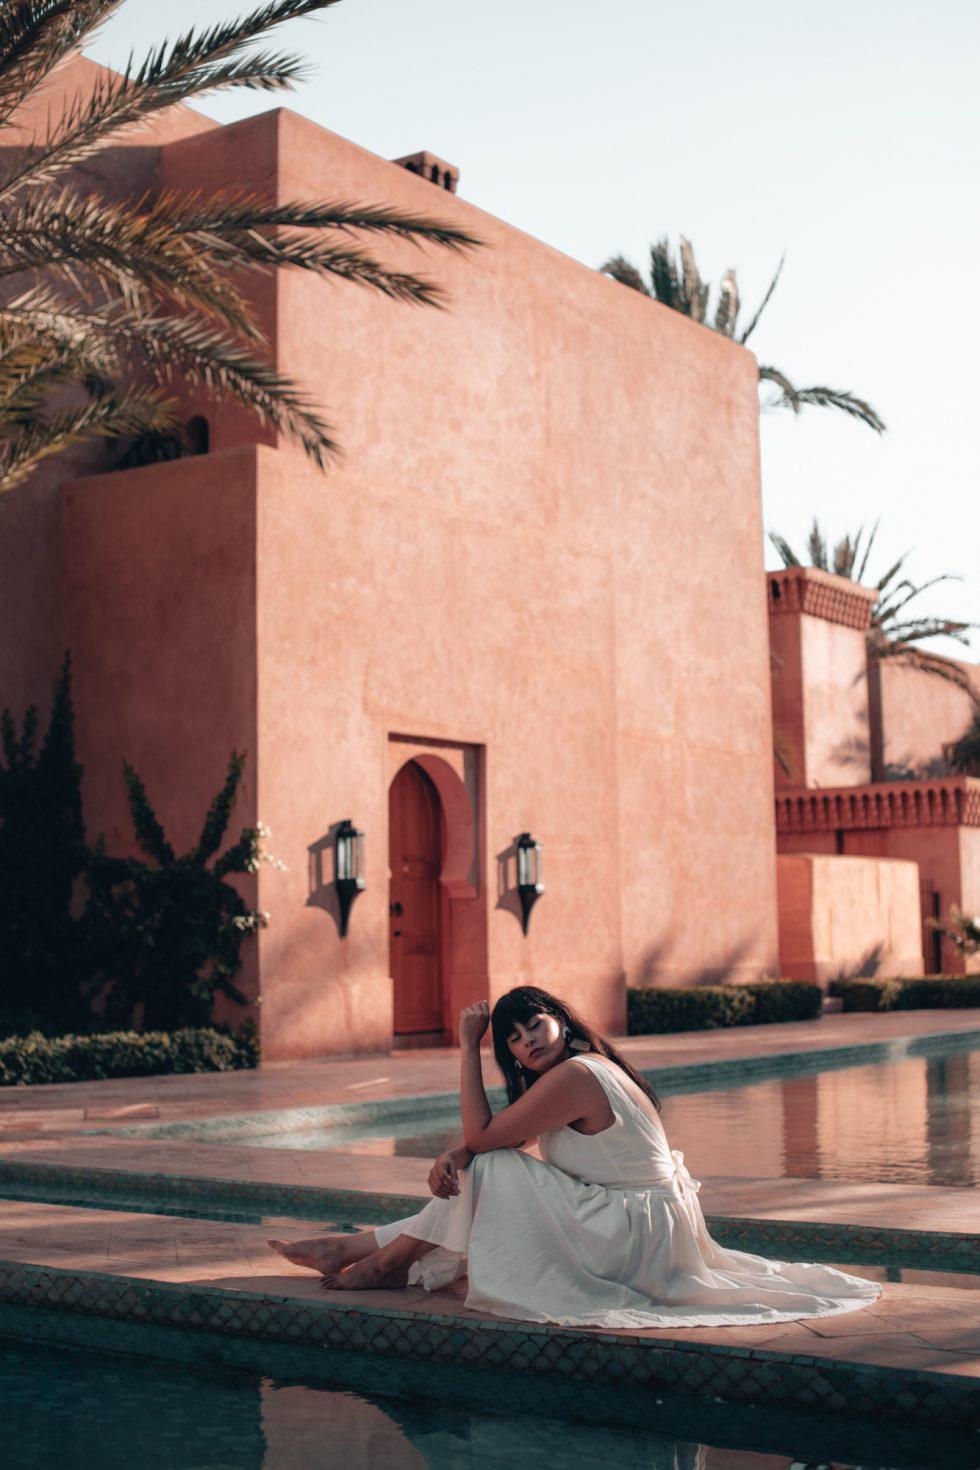 morocco-amanjena-hotel-travel-montreal-lifestyle-photographer-laura-g-diaz